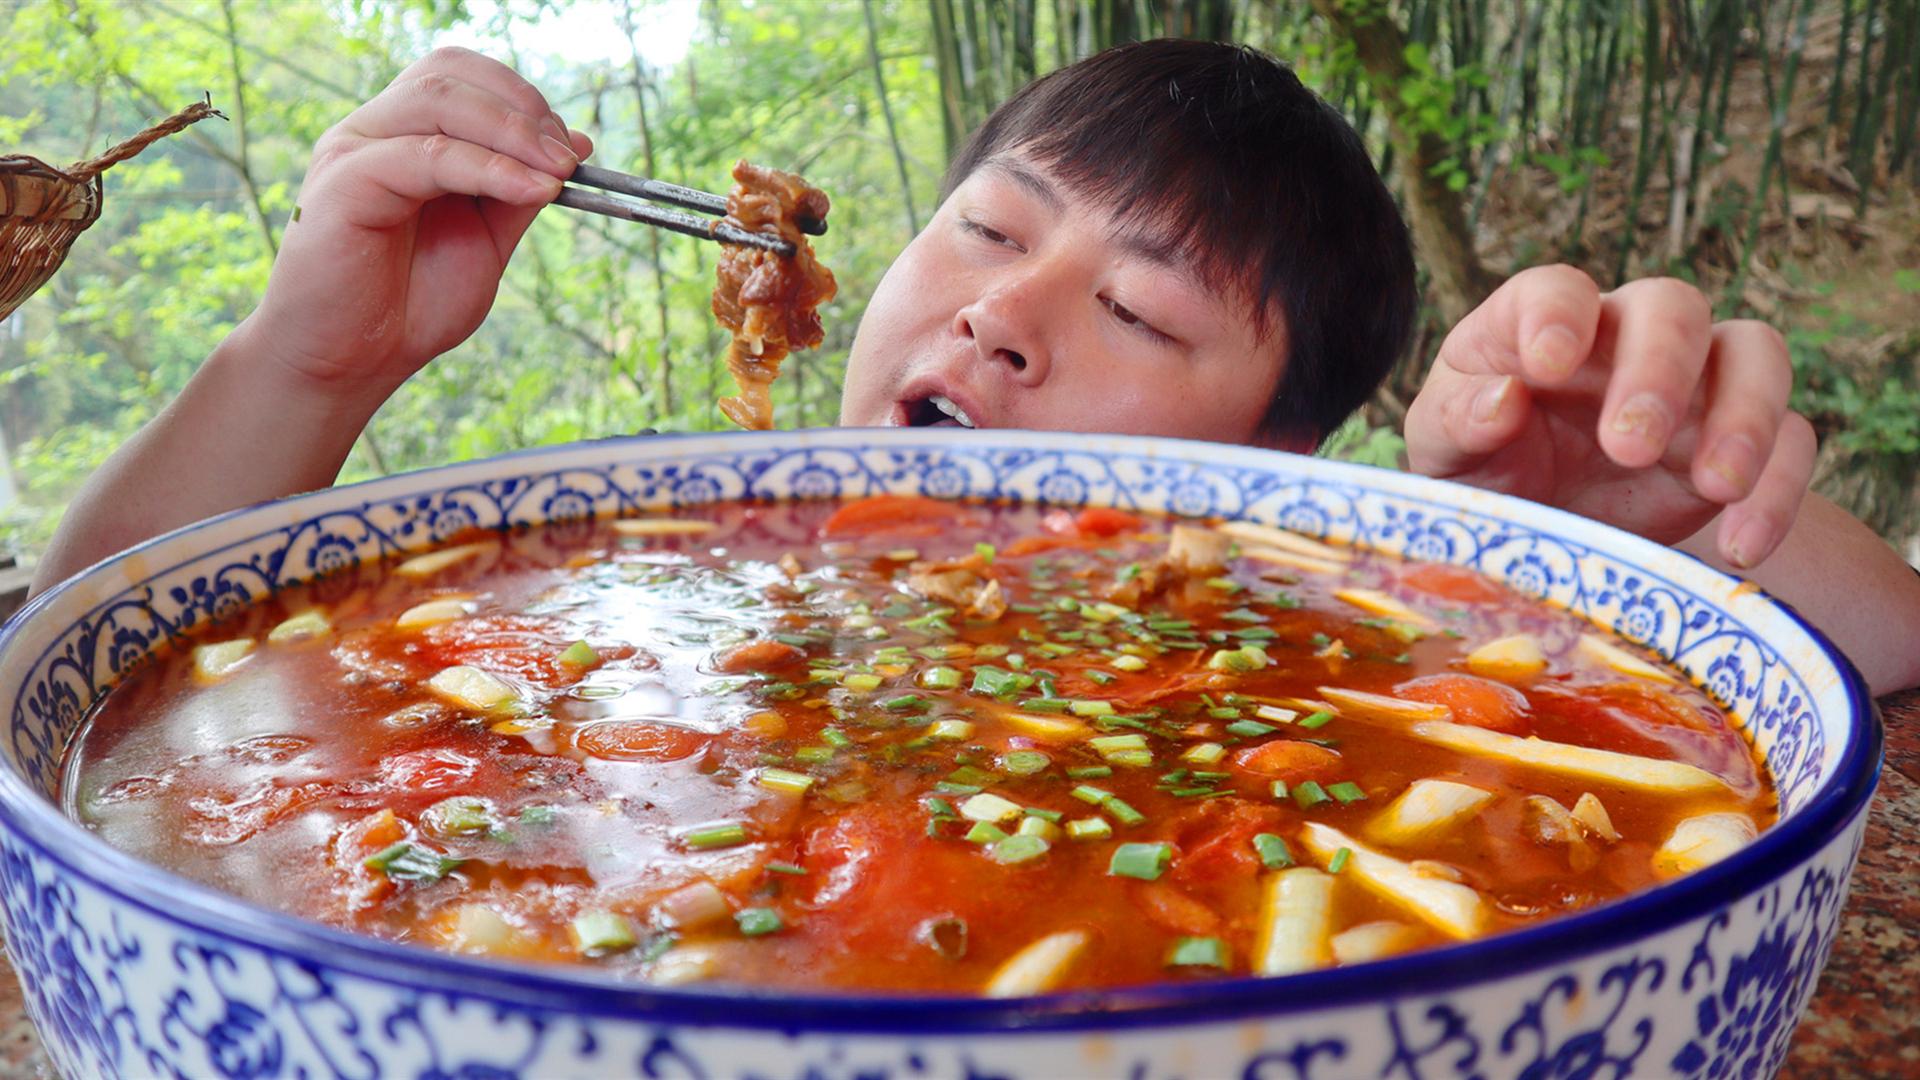 160元牛肉,德哥加6斤番茄一锅烂炖,汤泡饭德哥连吃3碗都不够